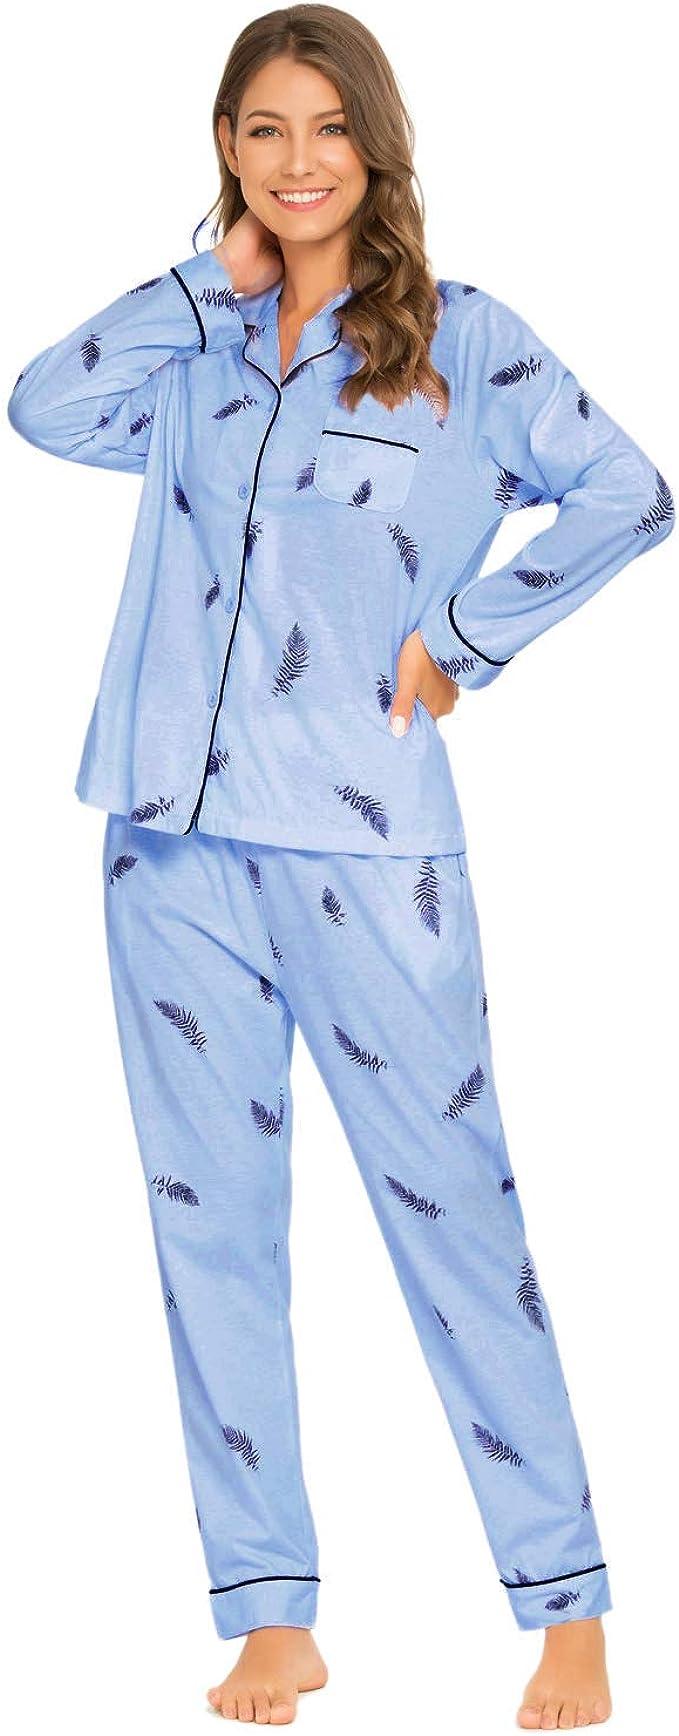 52 54 56  L XL XXL SUPER´ Modischer Herren Schlafanzug lang Pyjama Hausanzug Gr